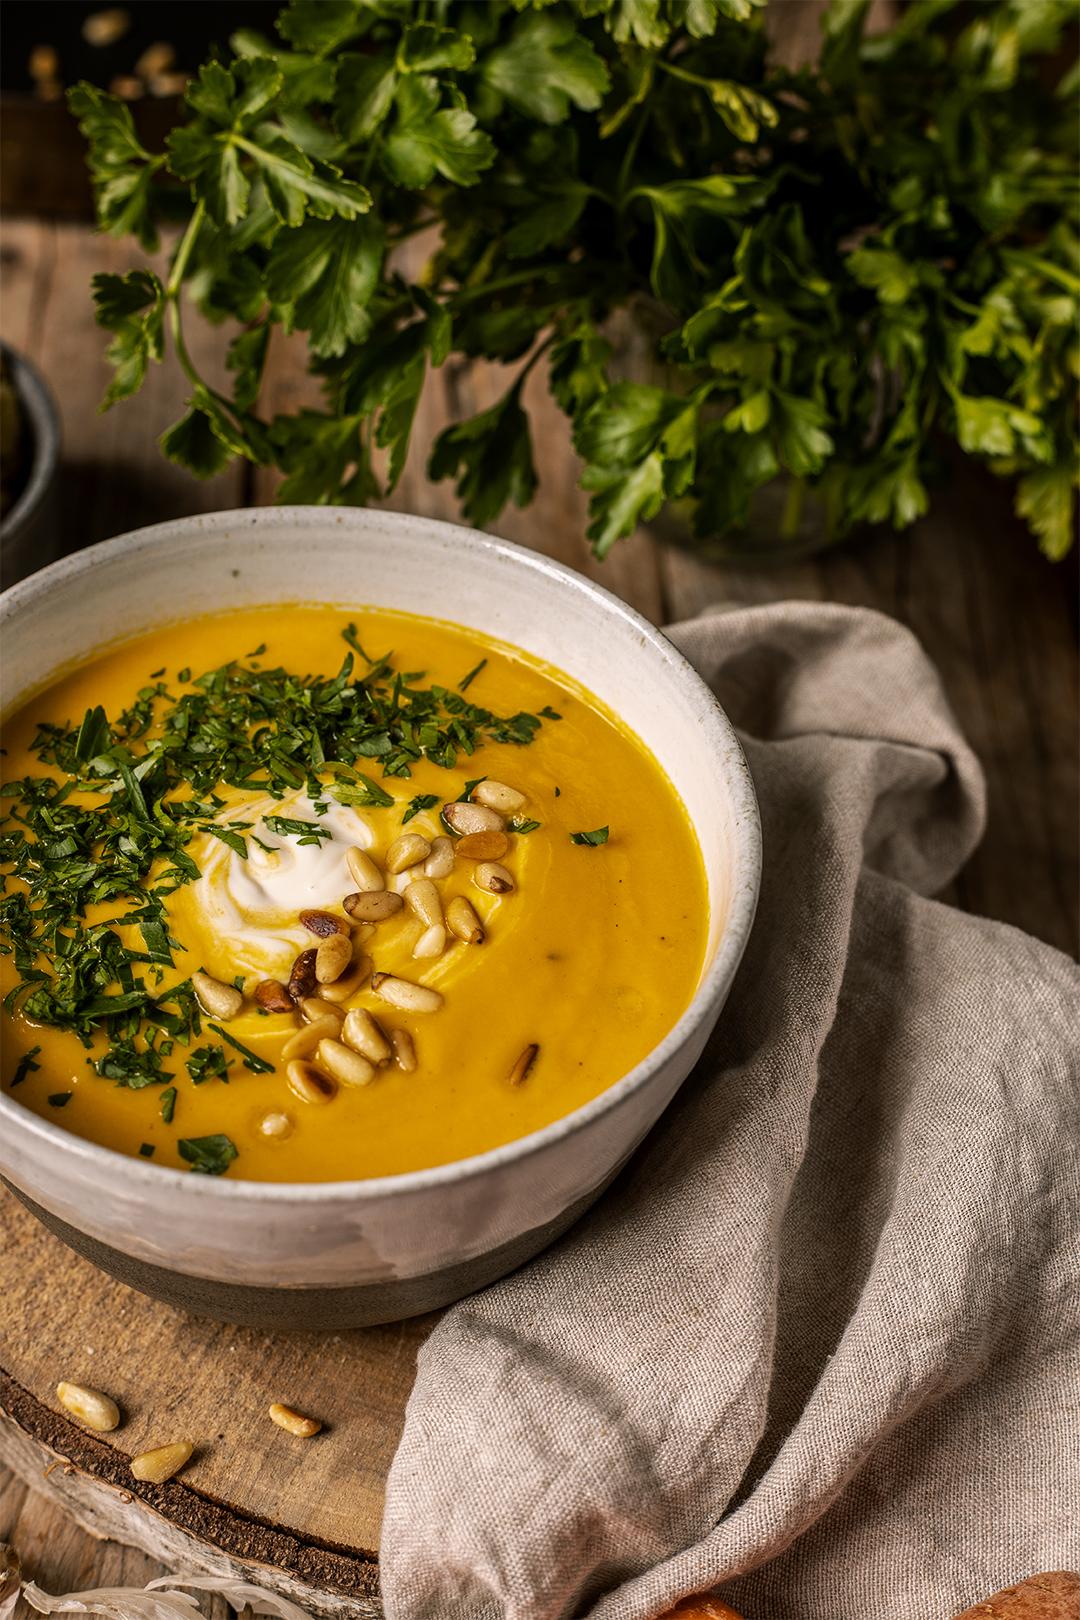 Blumenkohl karottensuppe vegan rezept